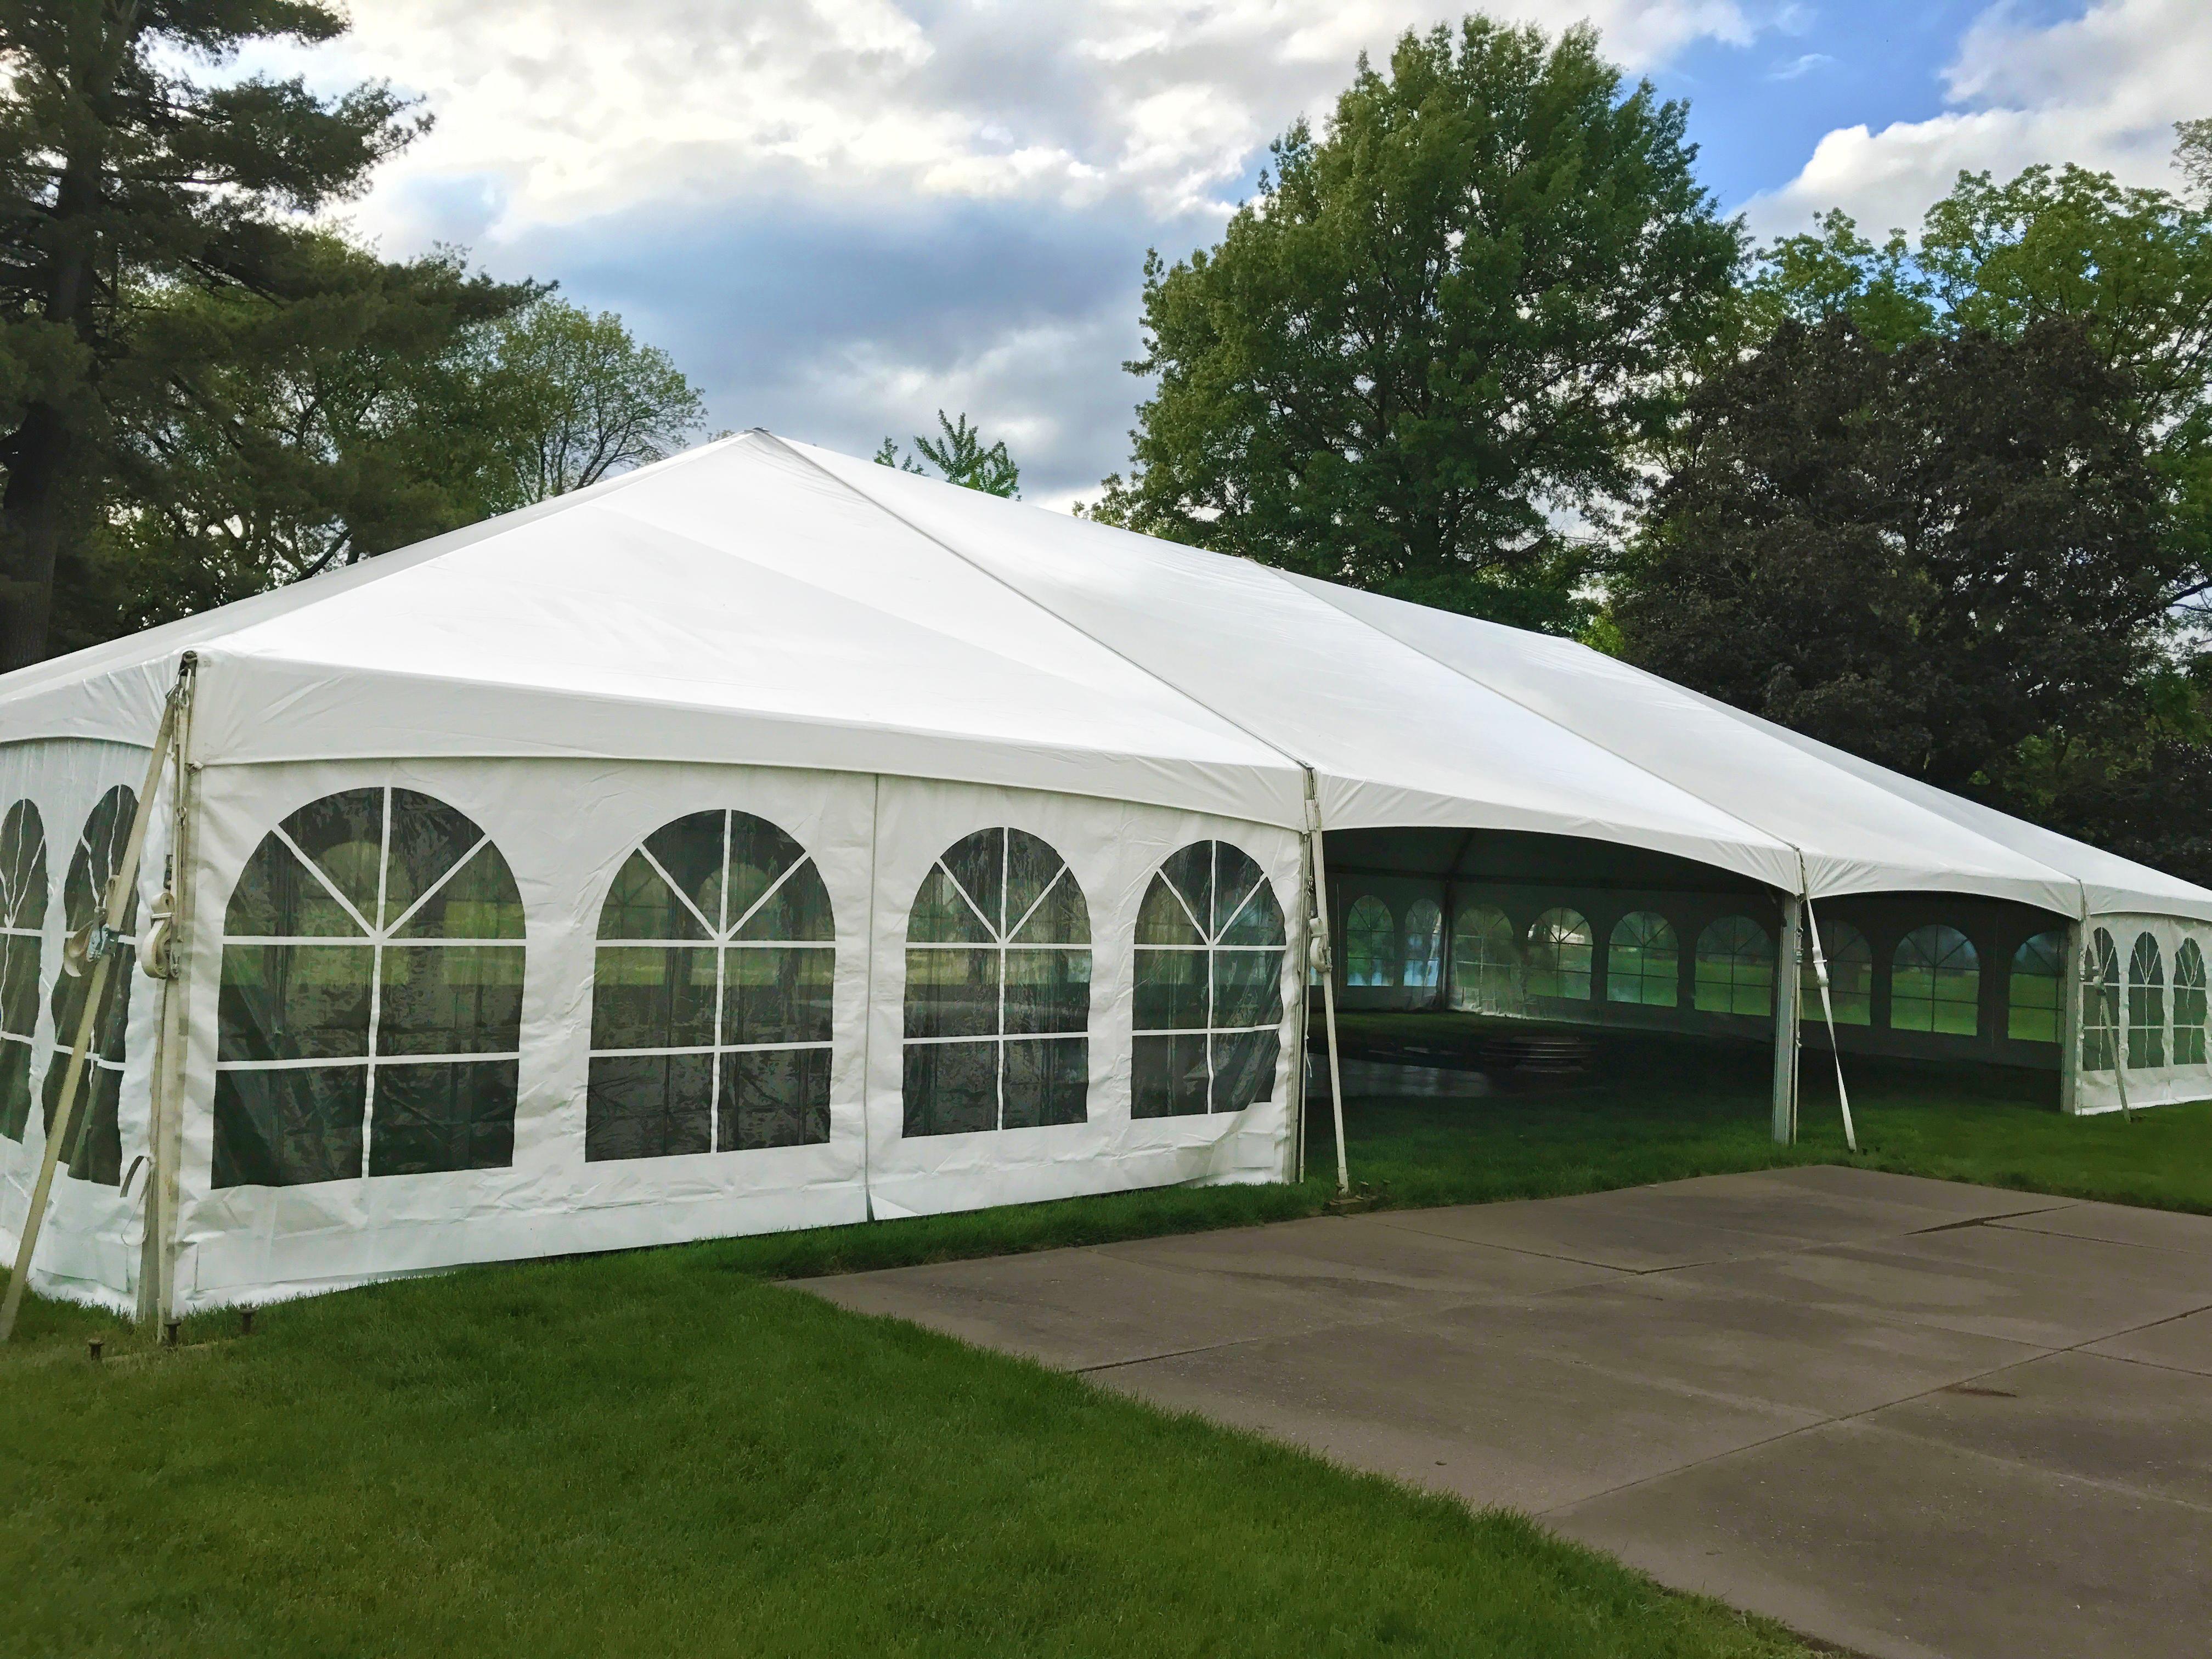 40' x 80' Hybrid wedding tent with French window sidewalls